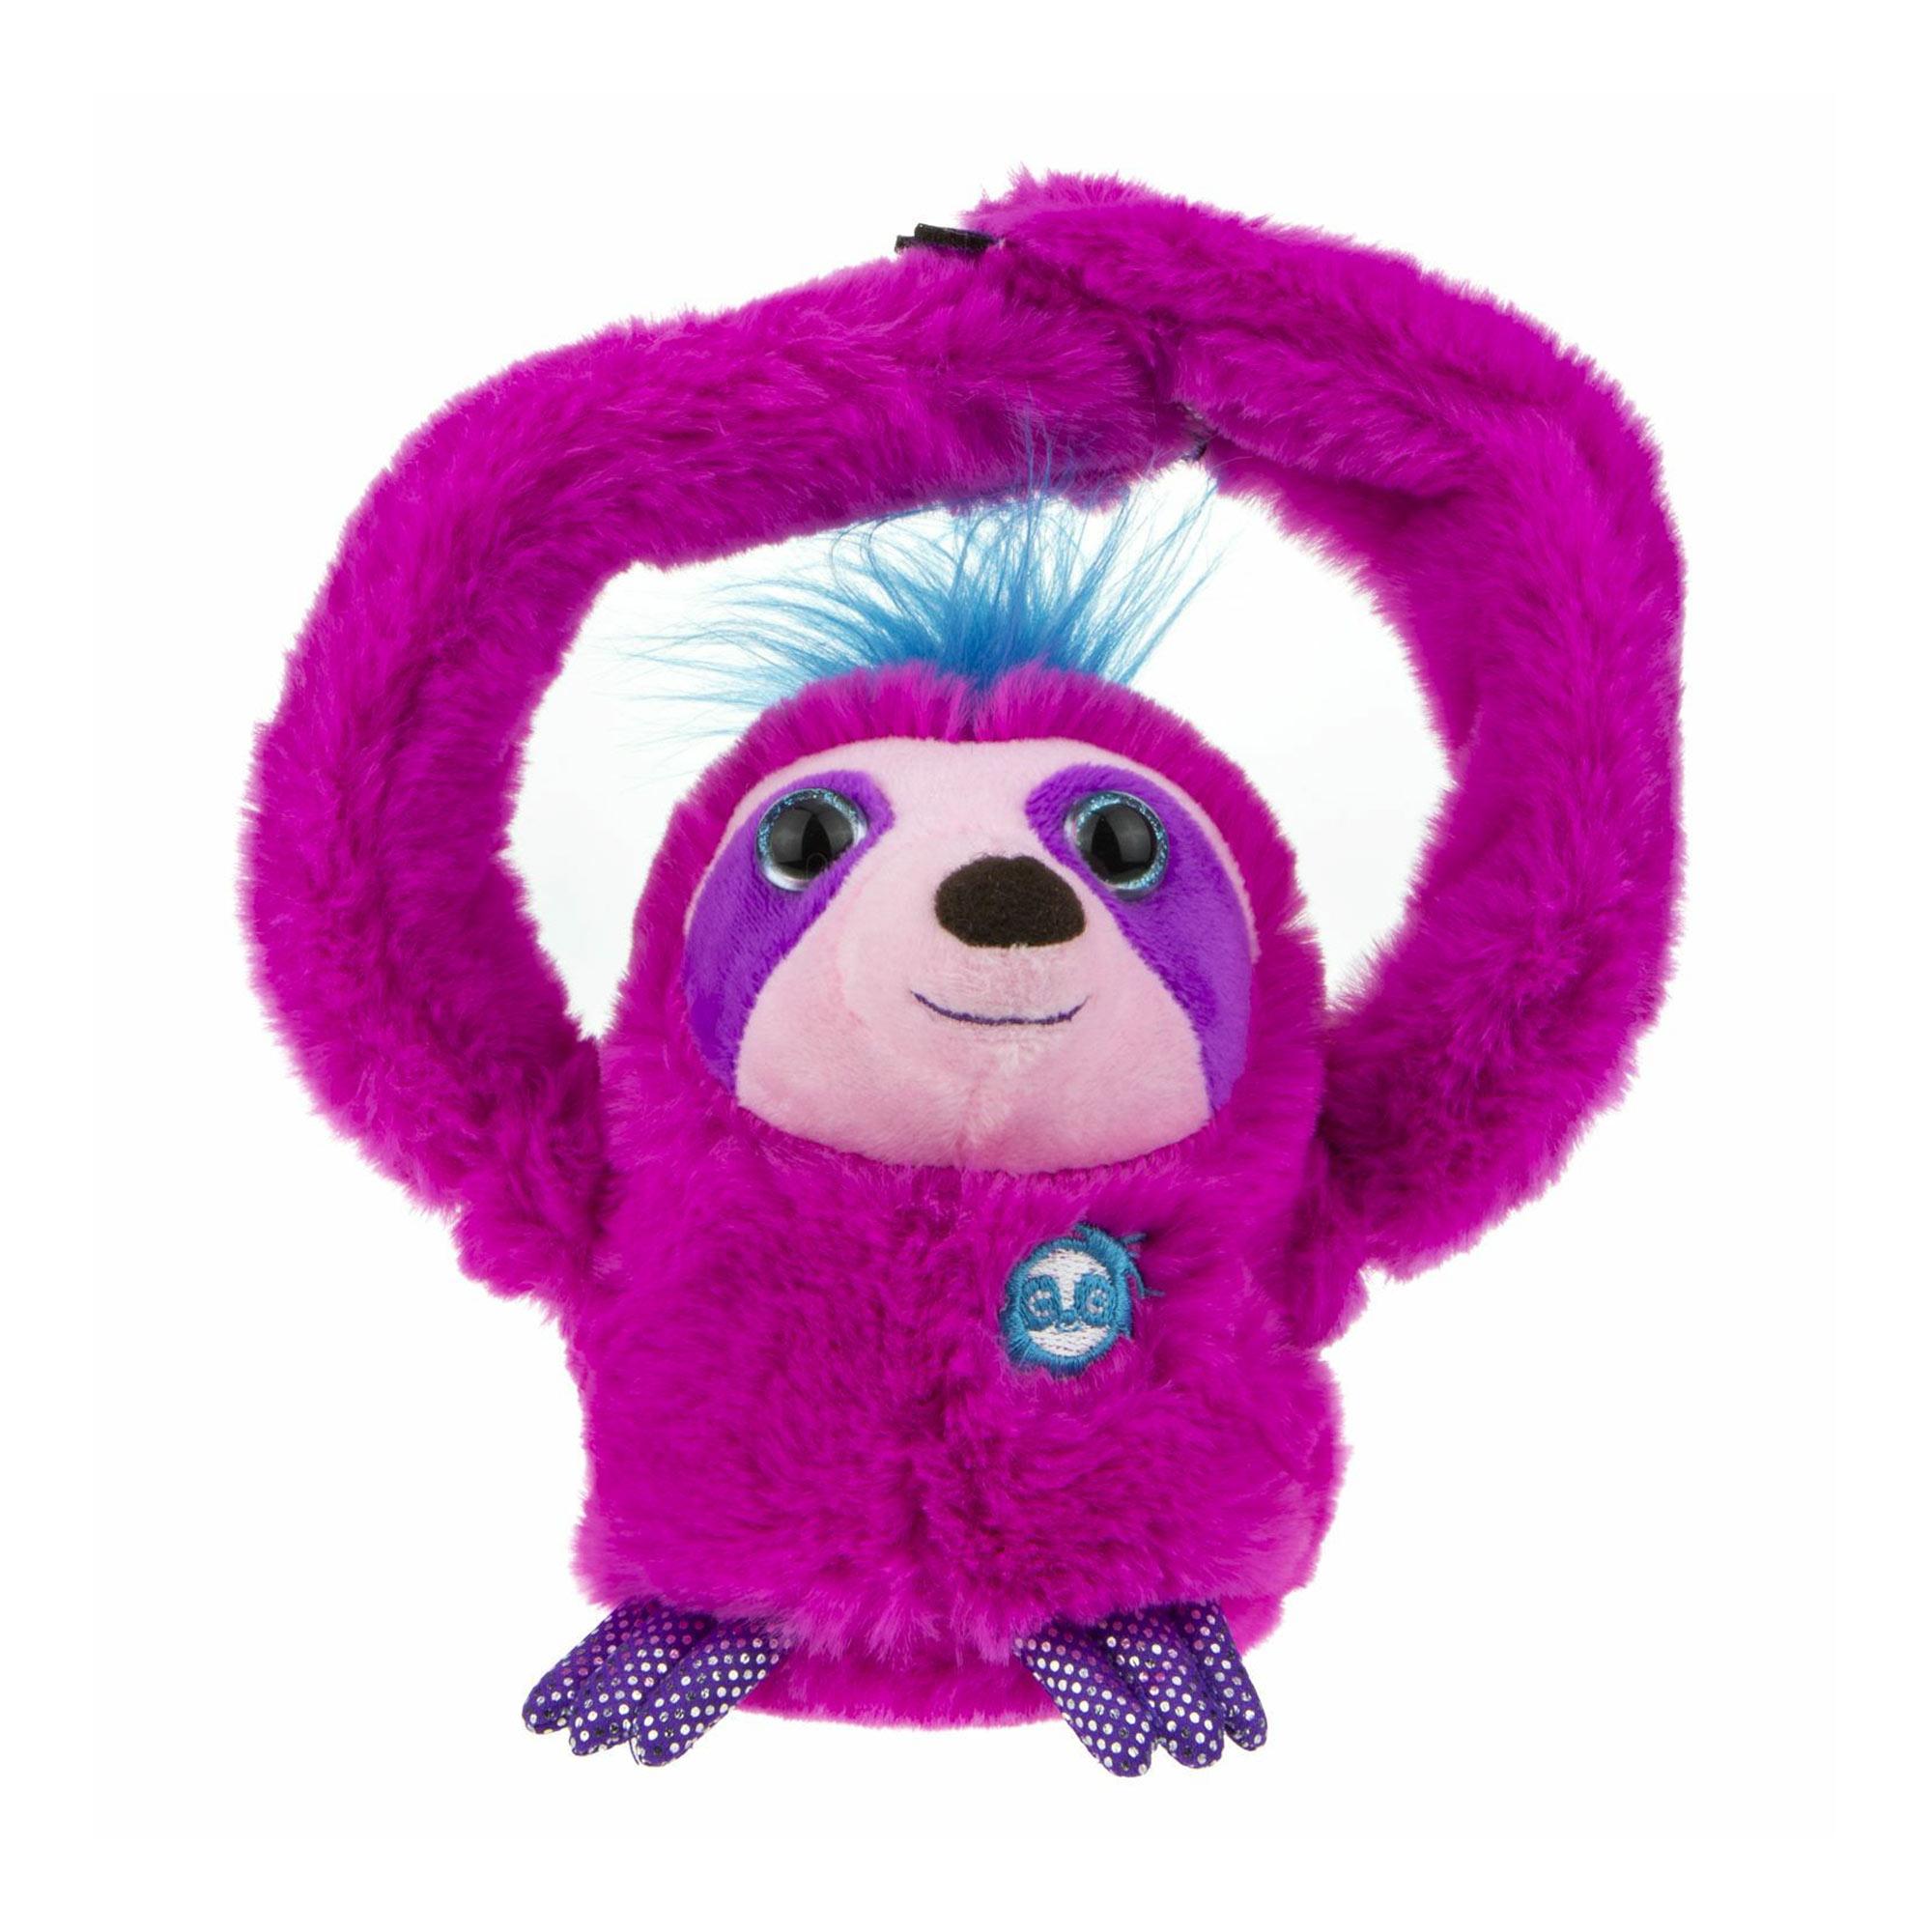 Фото - Интерактивная игрушка 1Toy Ленивец розовый игрушка интерактивная 1toy robo pets робо щенок розовый